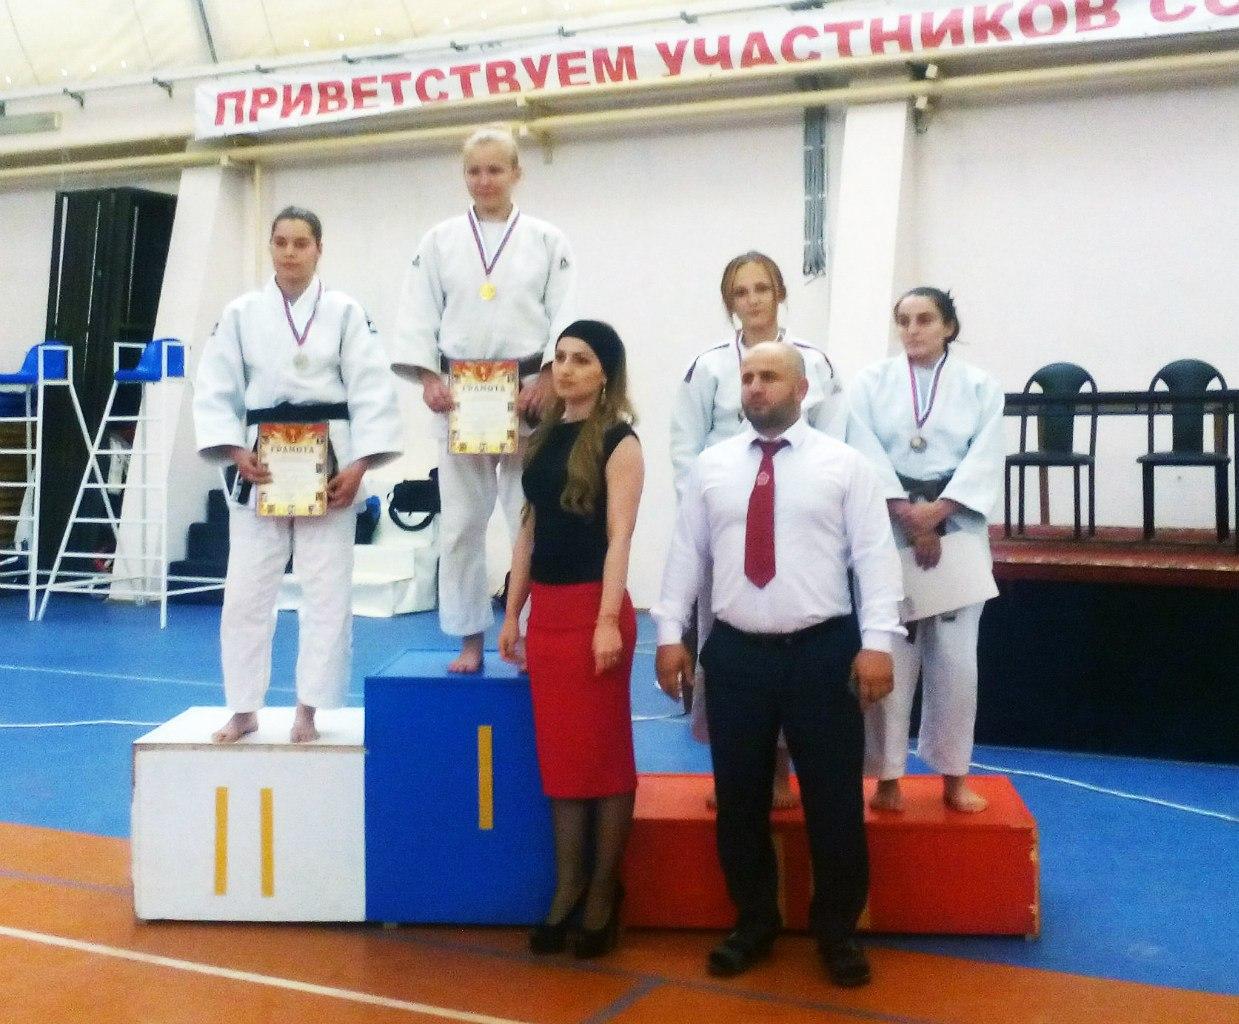 Таганроженка Светлана Кичигина вернулась с золотом с Чемпионата Вооруженных сил РФ по дзюдо